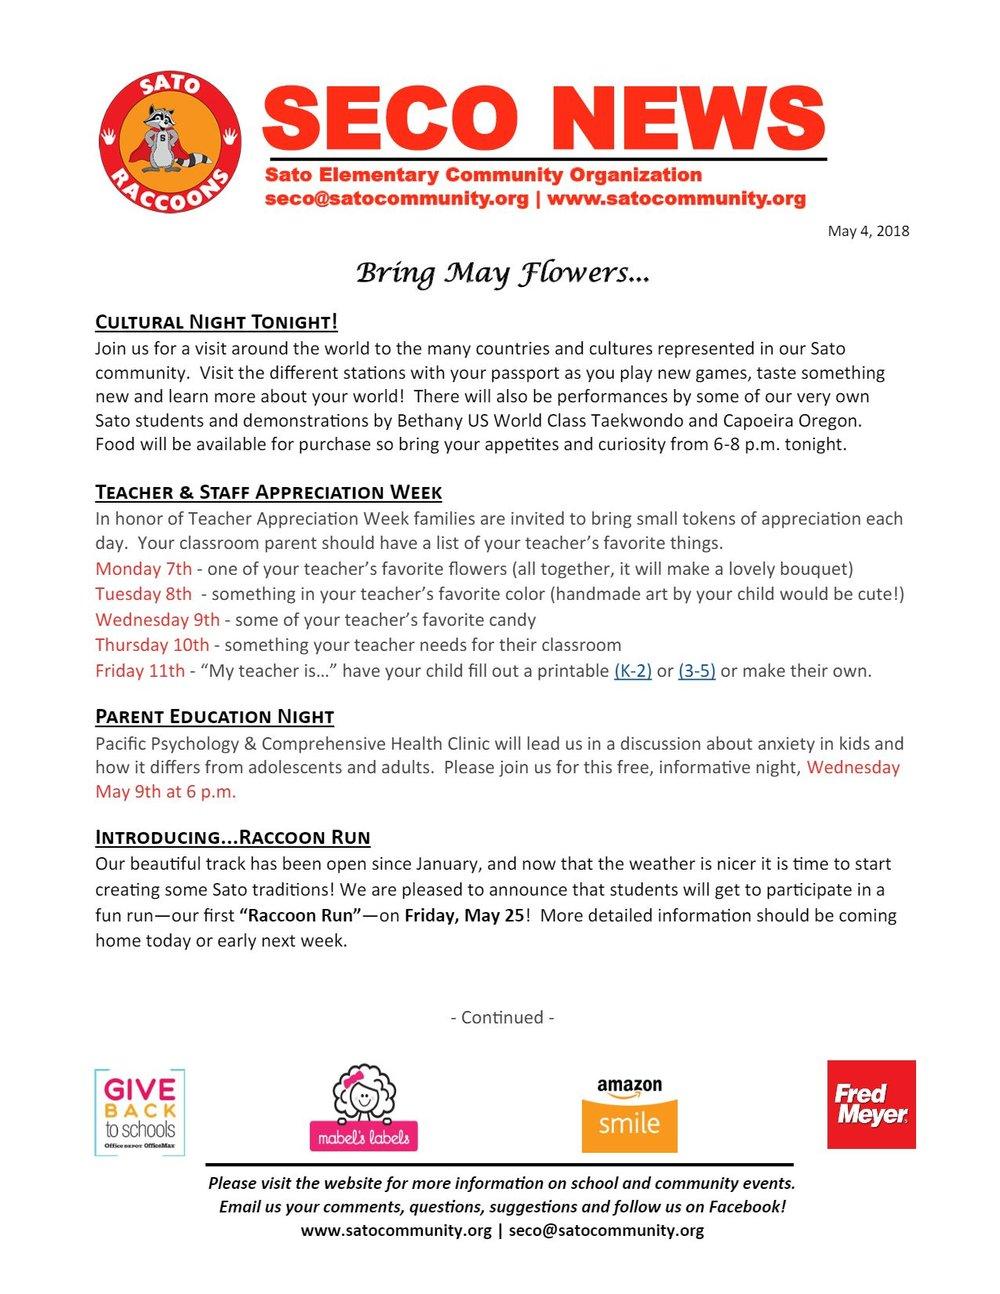 NewsletterMay4-1.jpg